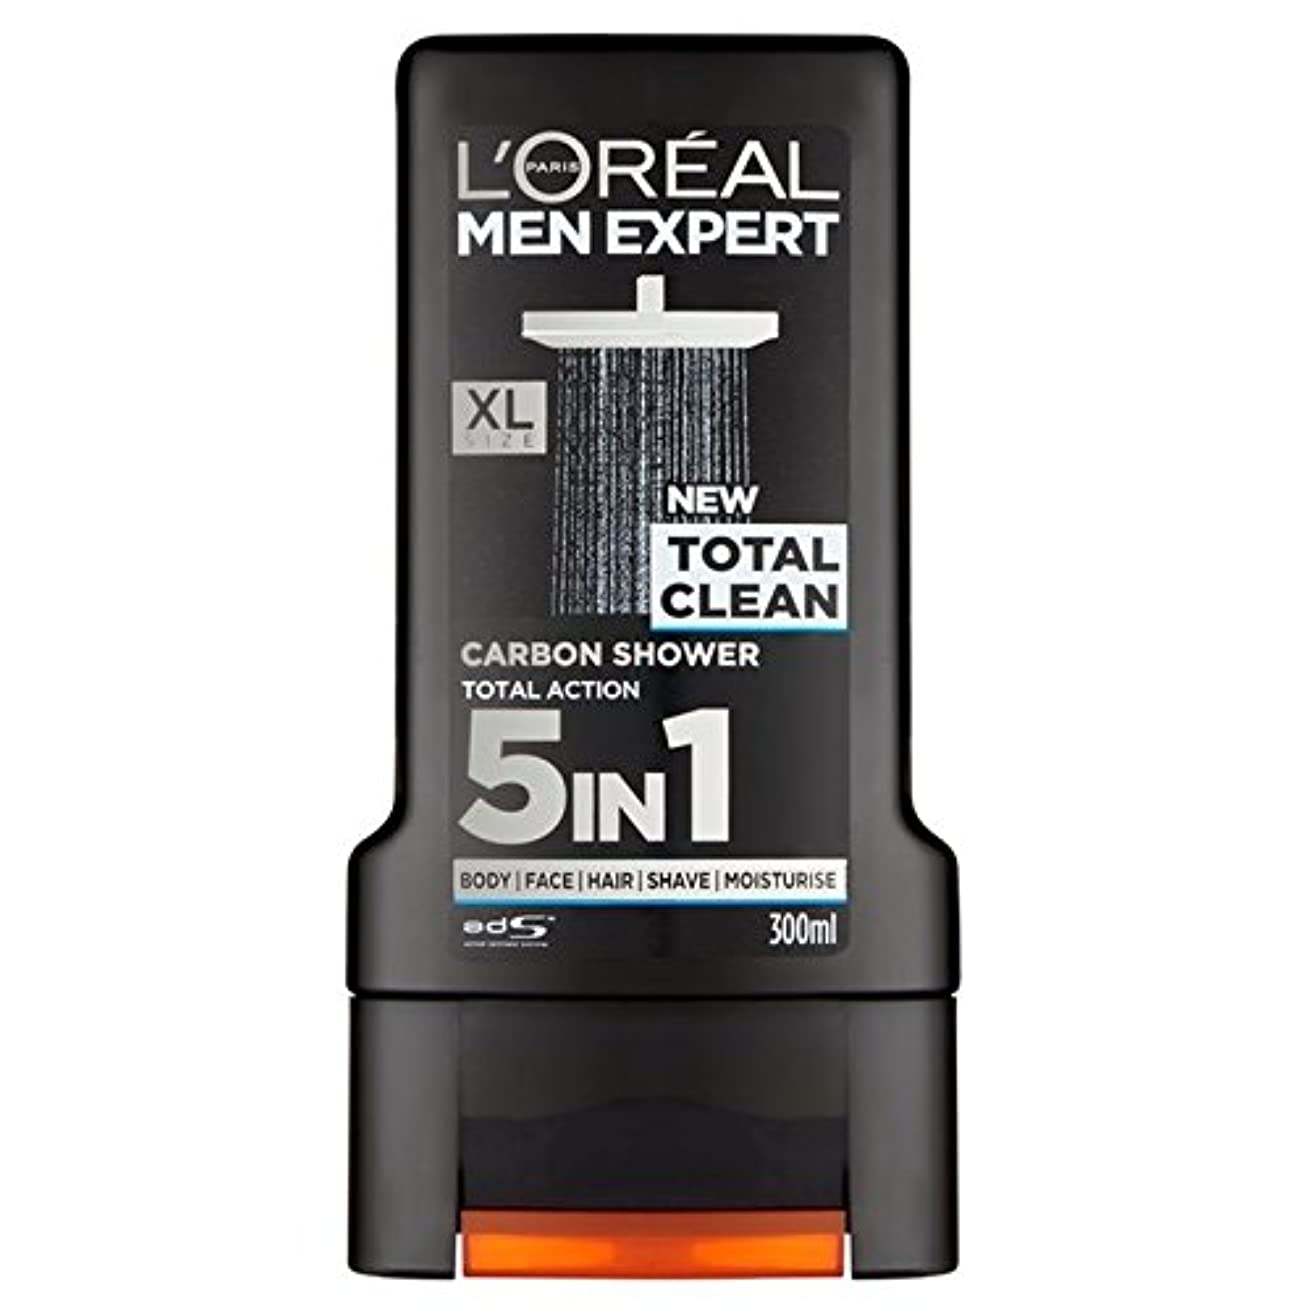 闘争ラブ硫黄ロレアルパリのメンズ専門トータルクリーンシャワージェル300ミリリットル x4 - L'Oreal Paris Men Expert Total Clean Shower Gel 300ml (Pack of 4) [並行輸入品]